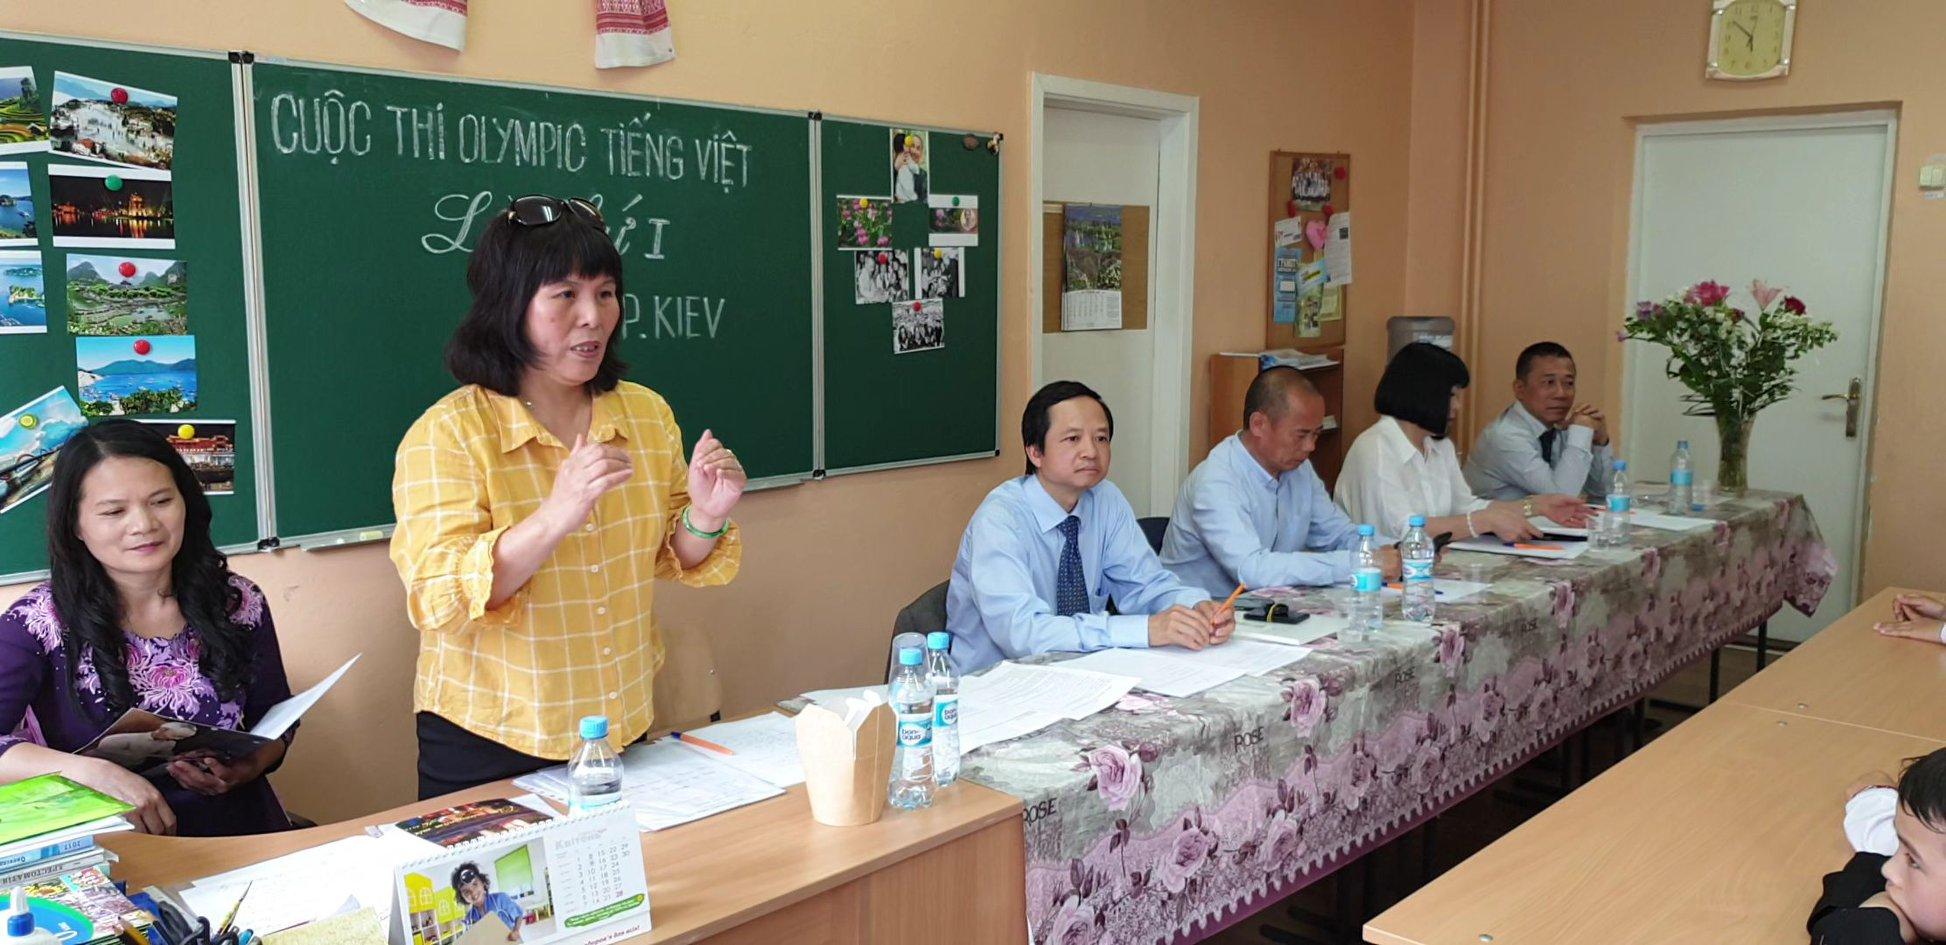 Cuộc thi Olympic tiếng Việt đầu tiên tại Kyiv - Ucraina